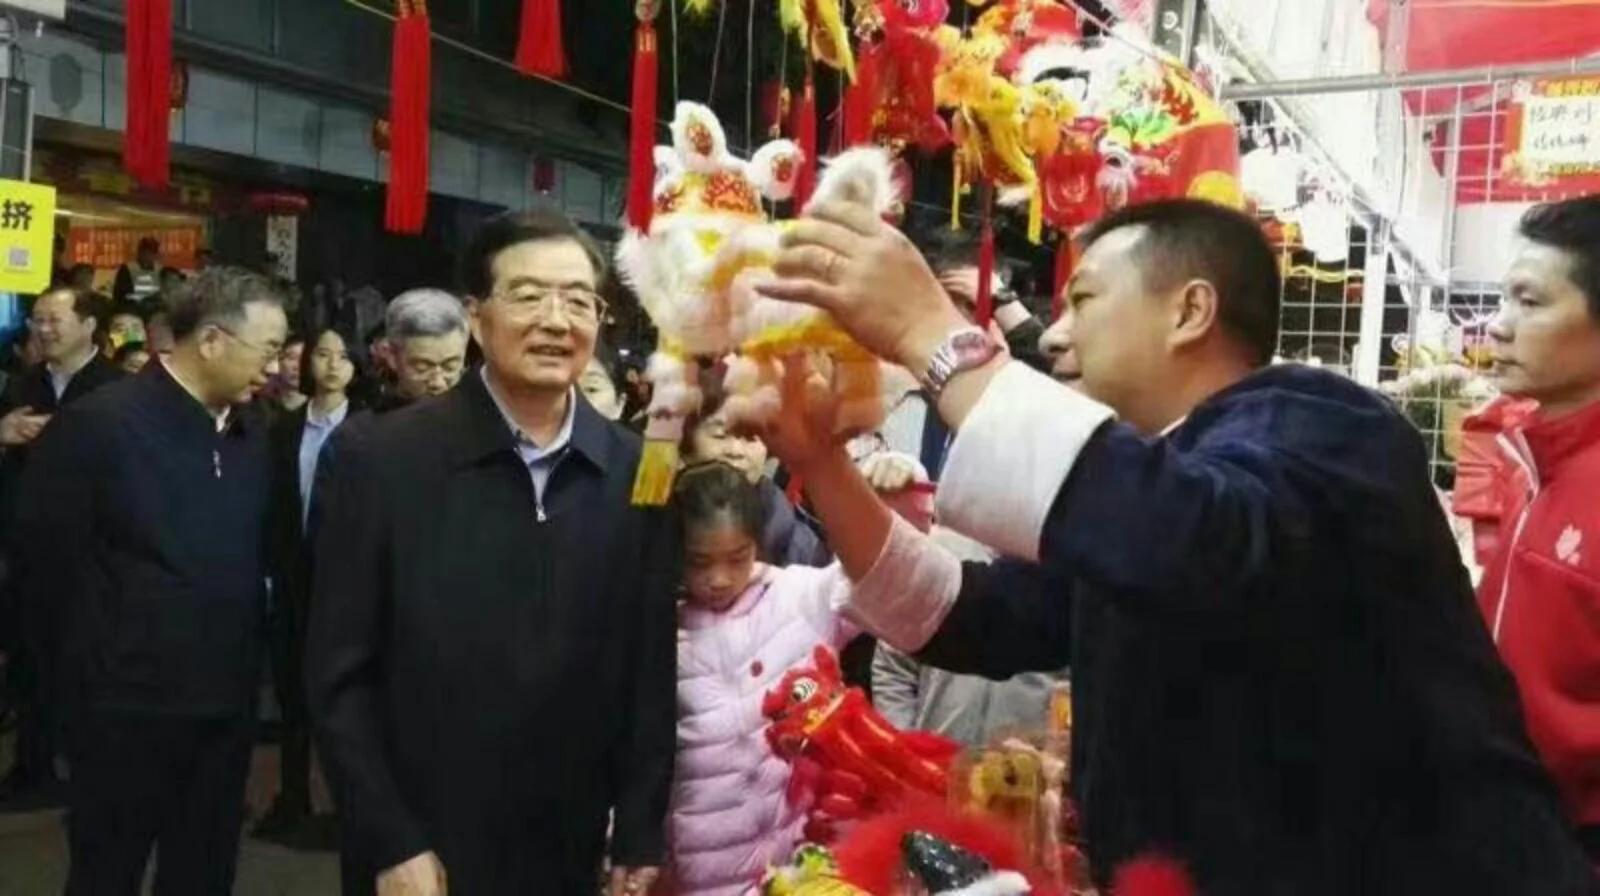 独家说胡锦涛病重到可盖棺论定 胡3个月4次露面辟谣